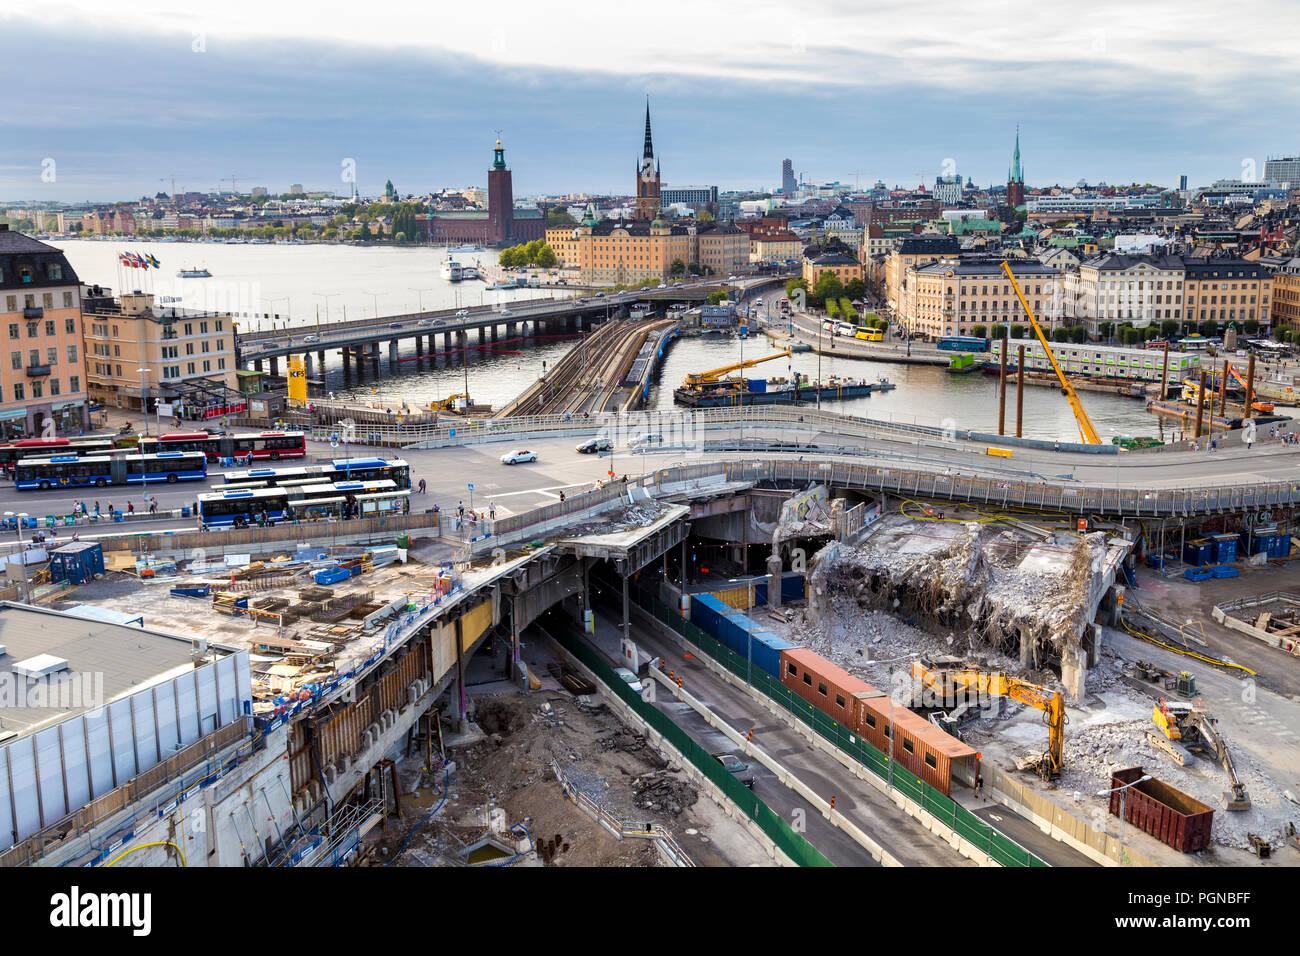 El 18 de agosto de 2018 - vista panorámica sobre la ciudad y el sitio de desconstrucción de Slussen, Estocolmo, Suecia Foto de stock